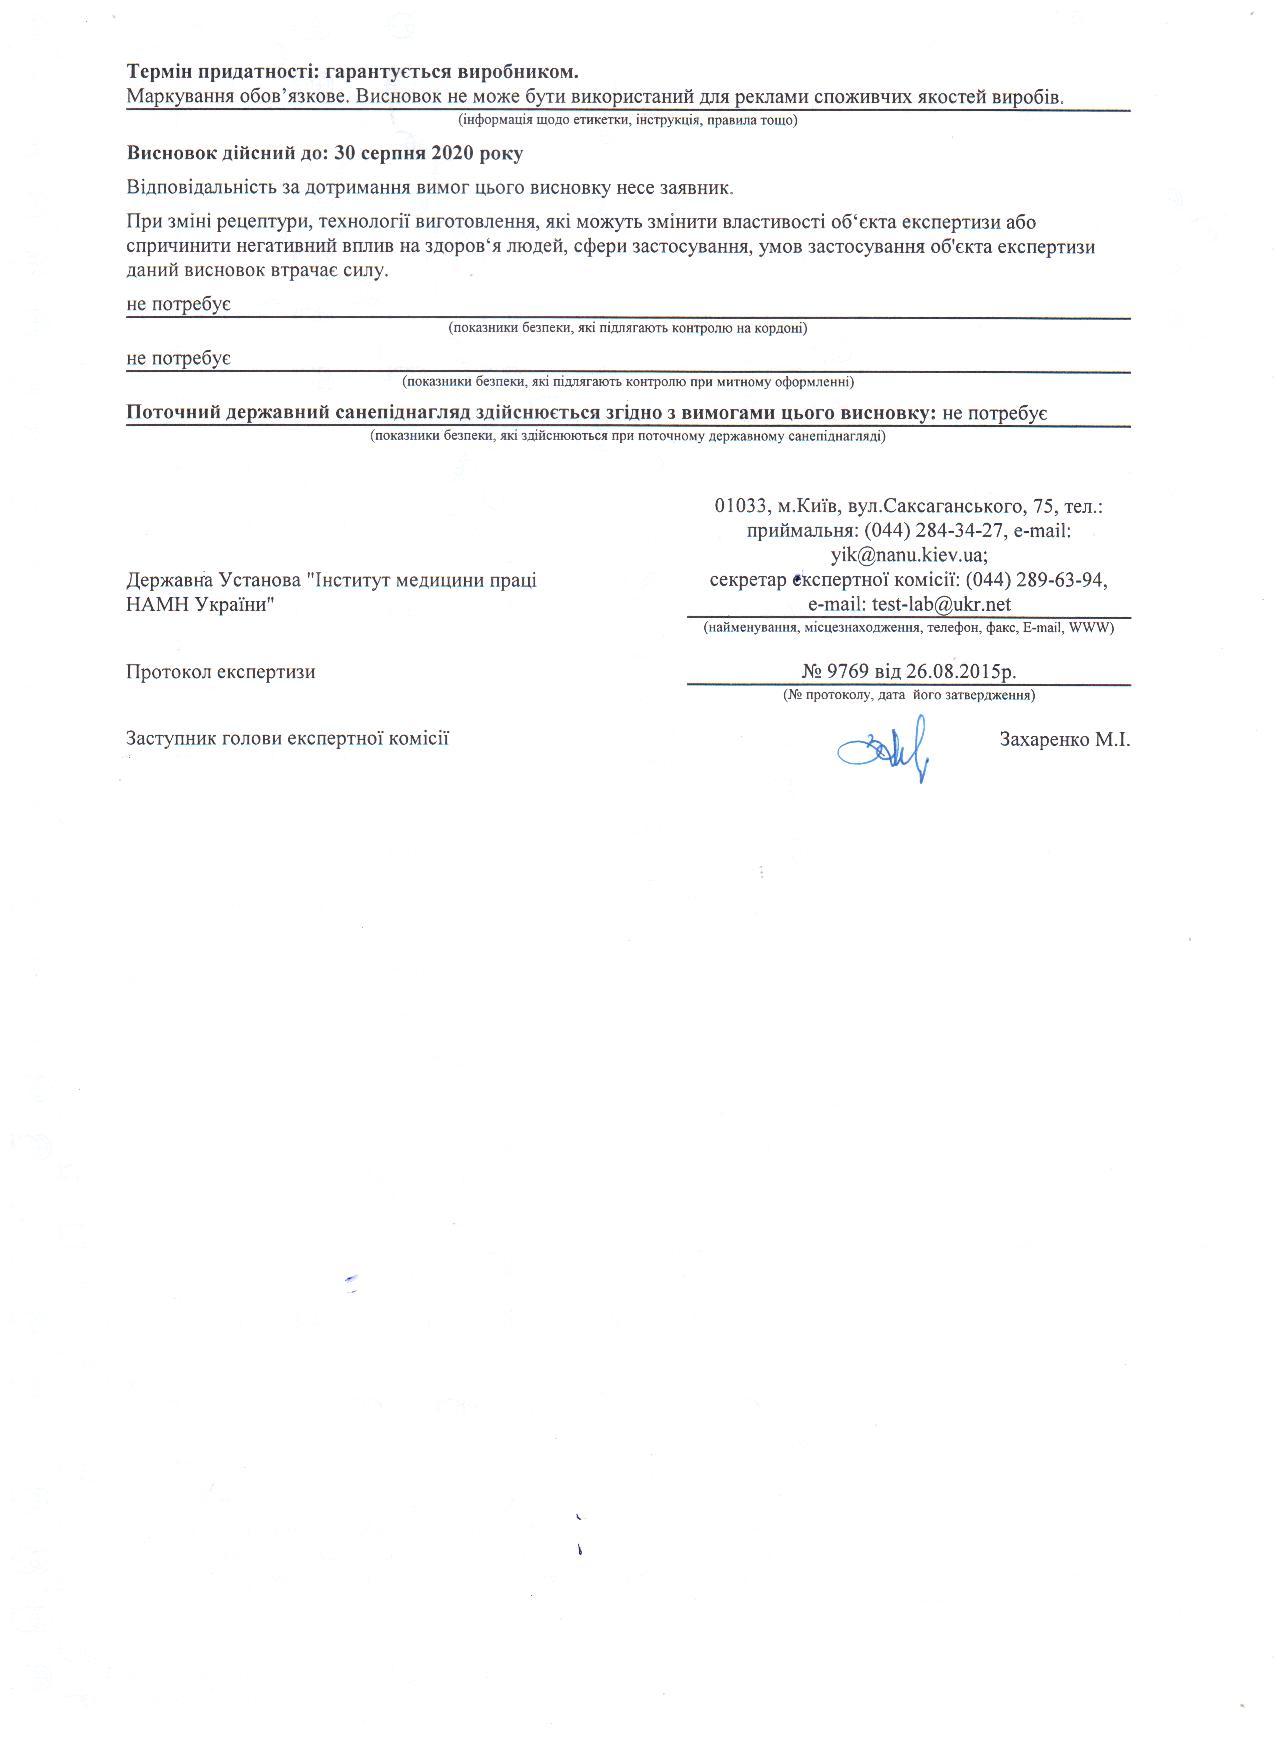 Дополнение 1 к санитарно-гигиеническому заключению за 2015 год